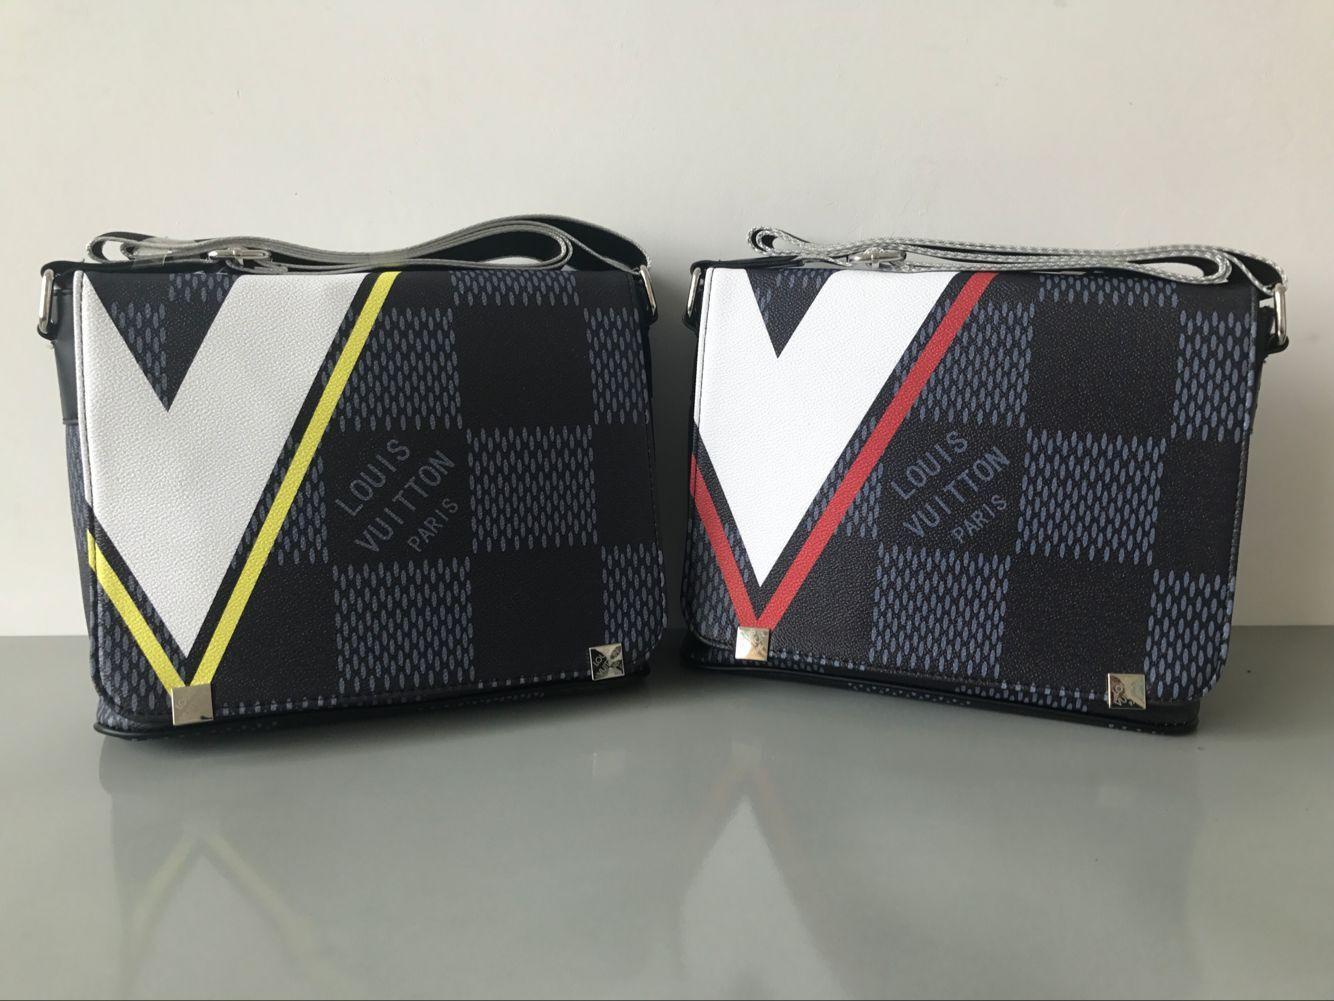 2018 nuevos famosos bolsas de mensajero de los hombres de cuero clásico de la manera cruzada cuerpo bolsa de hombro mochila escolar cartera del bolso 28CM7